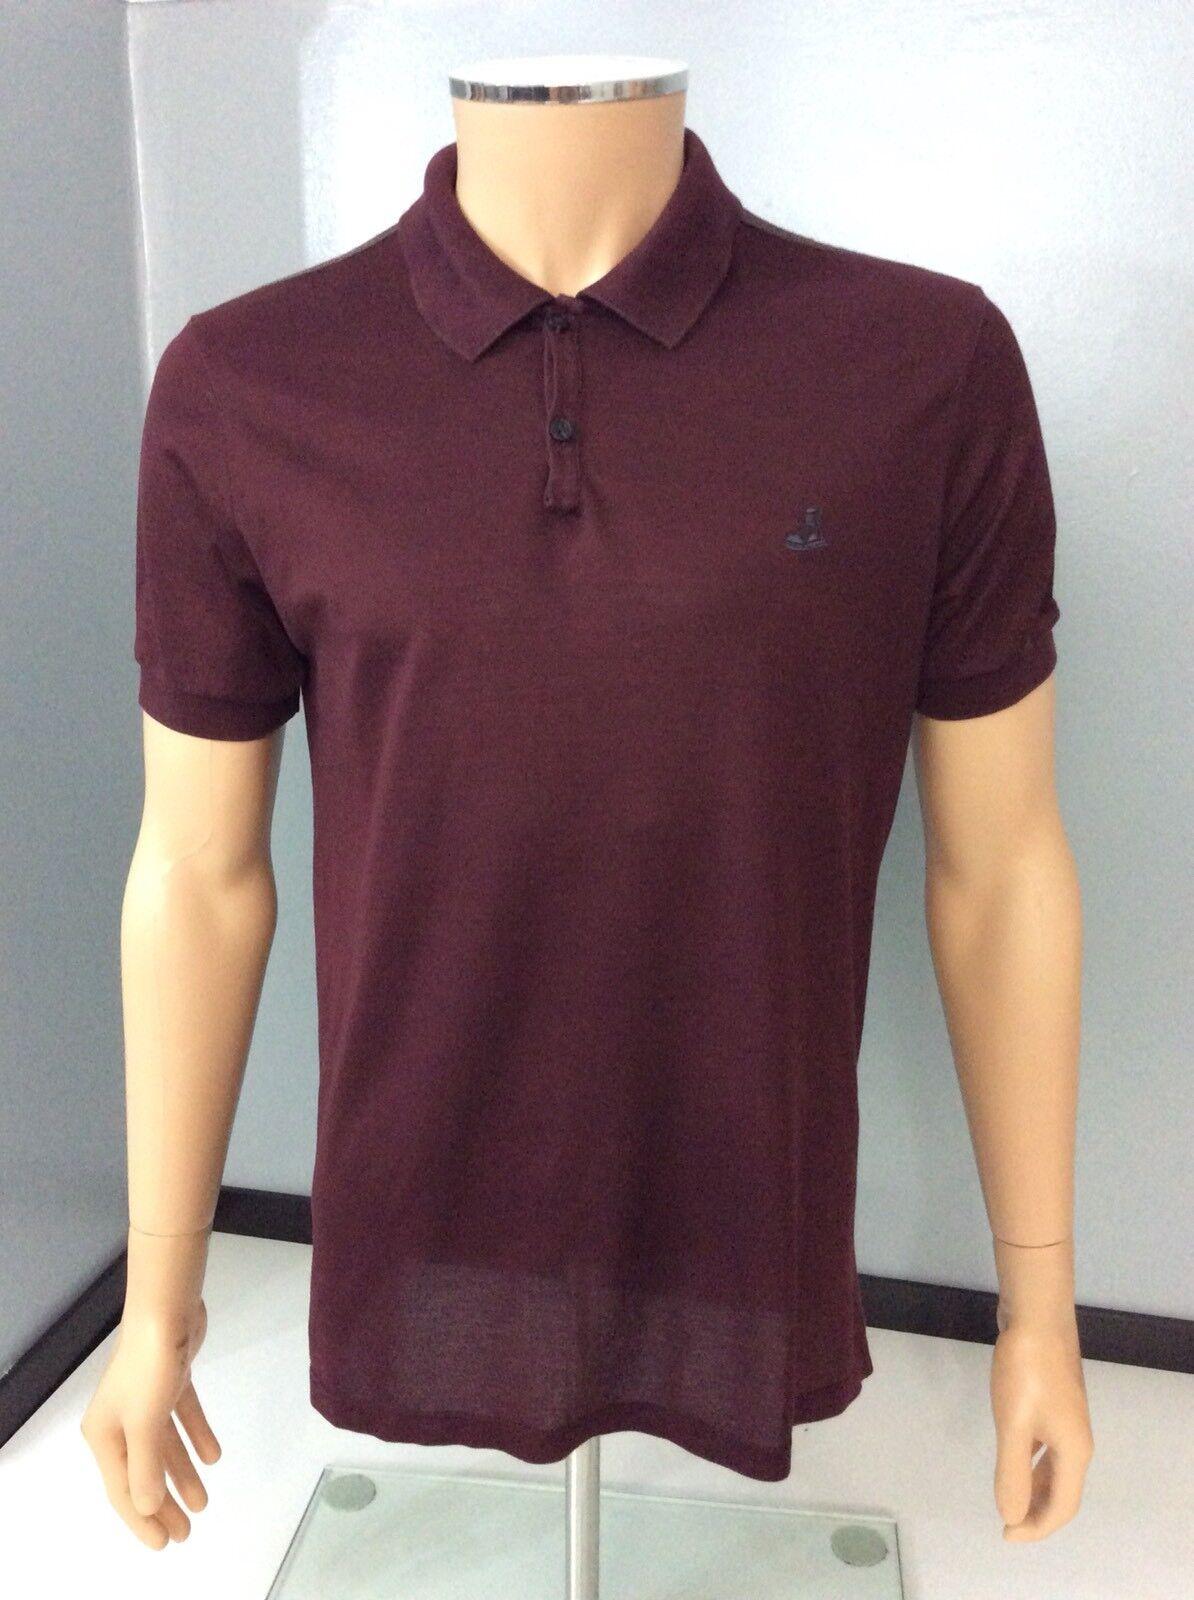 LANVIN Da Uomo Polo T Shirt, taglia Small, S, Marronee, Rosso, GC